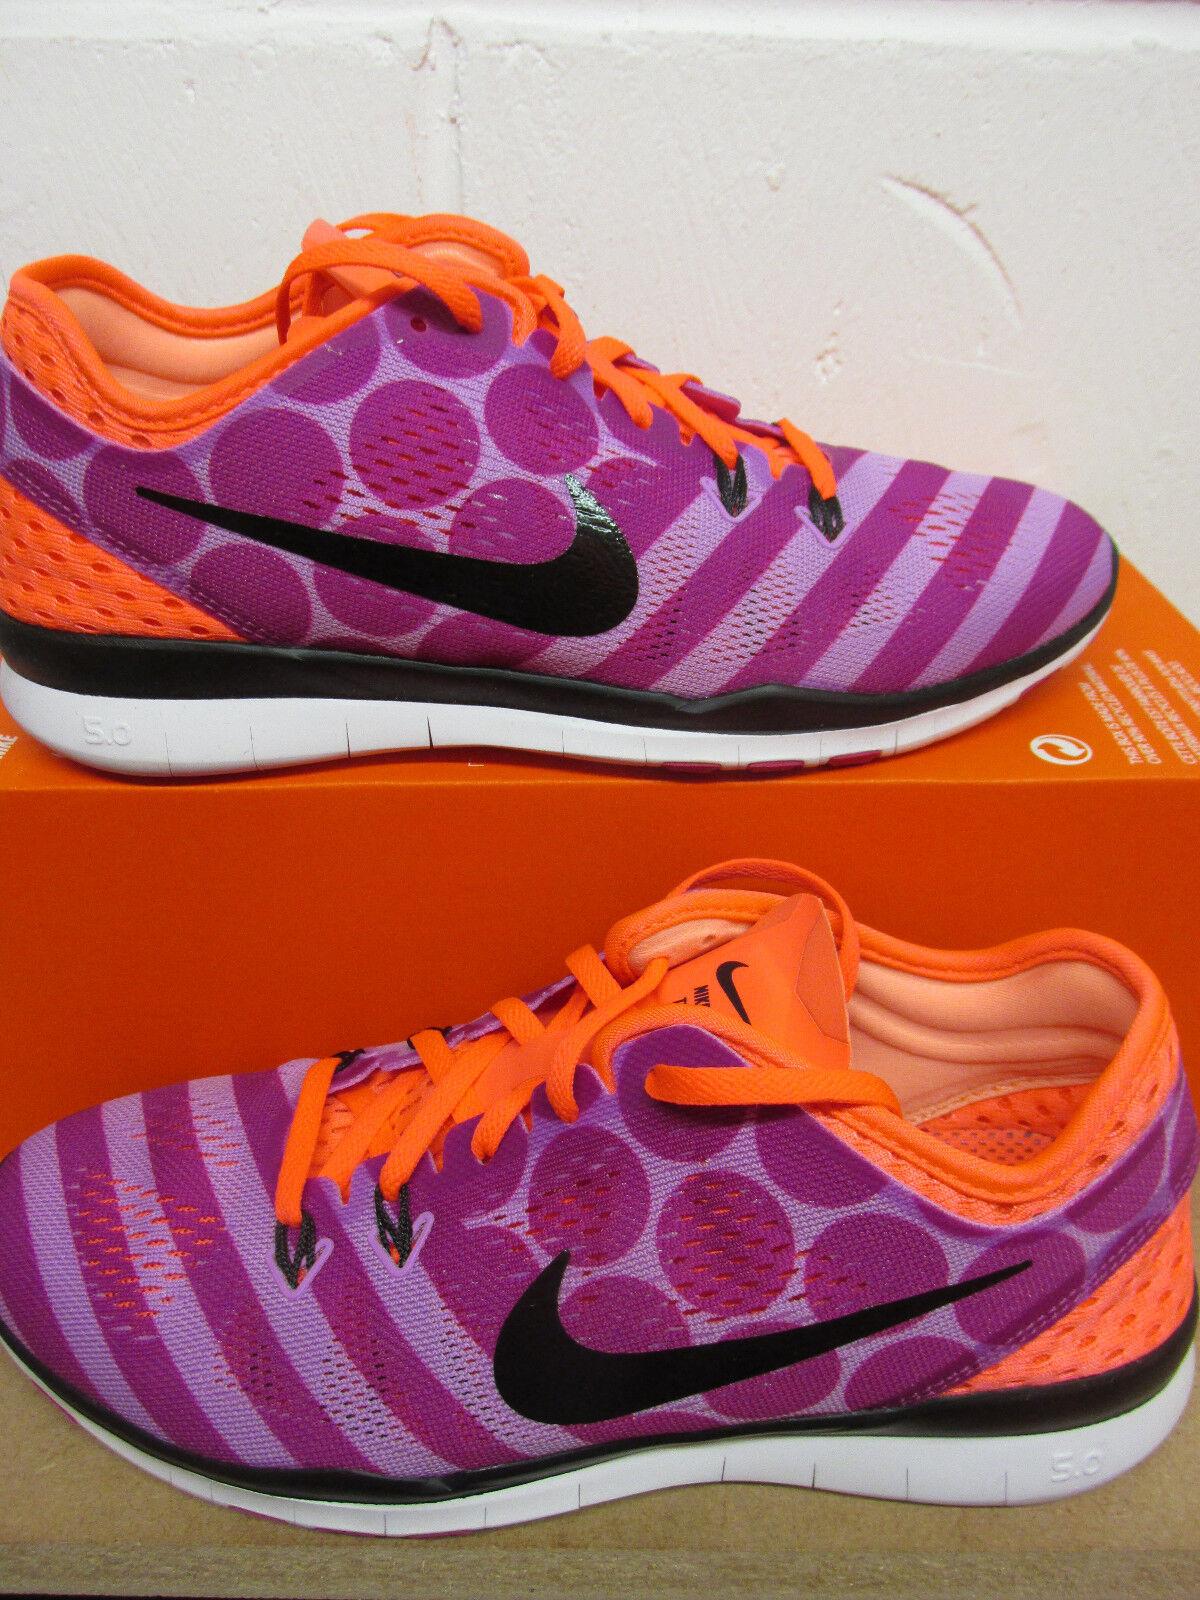 Niko free 5.0 TR fit 5 PRT mens  trainers 7004695 500 scarpe da ginnastica CLEANCE  incredibili sconti